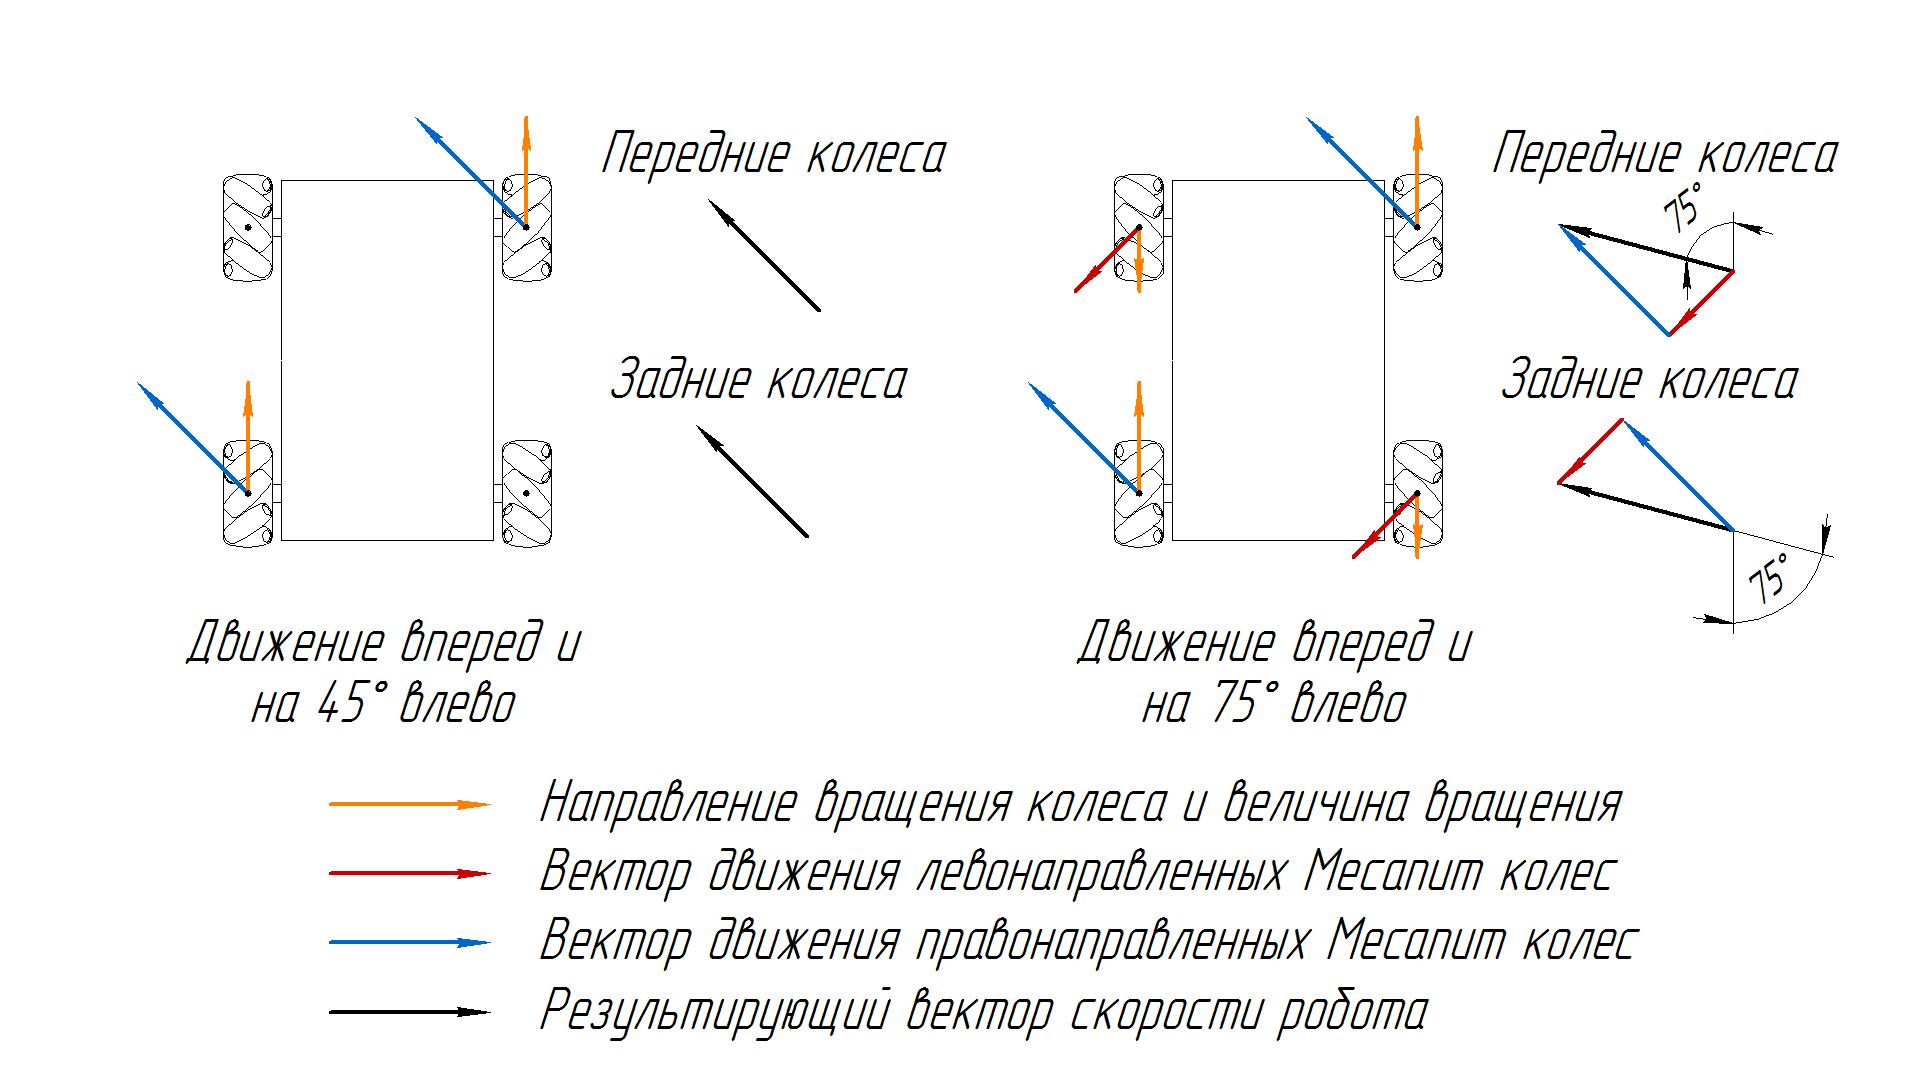 part_1_ru_robot_drive_6_scheme_3.png